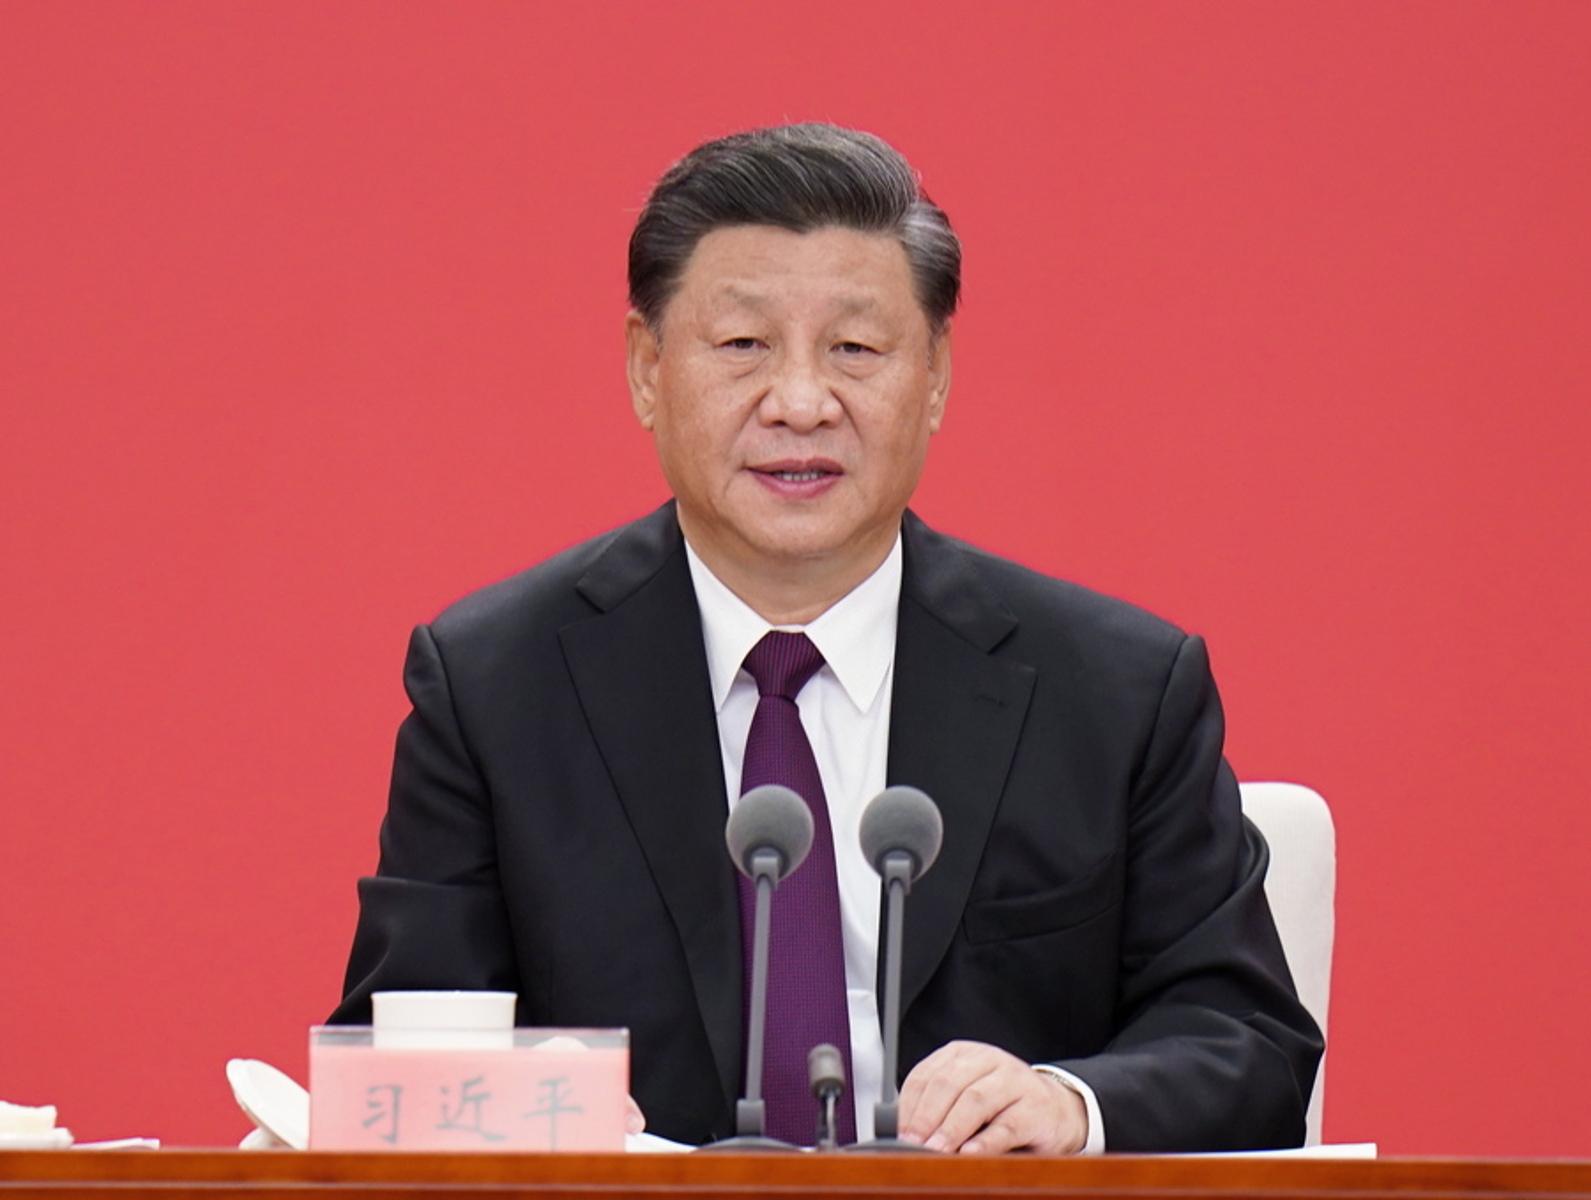 Κίνα: Συγχαρητήρια Σι Τζινπίνγκ σε Μπάιντεν για τη νίκη του στις αμερικανικές προεδρικές εκλογές